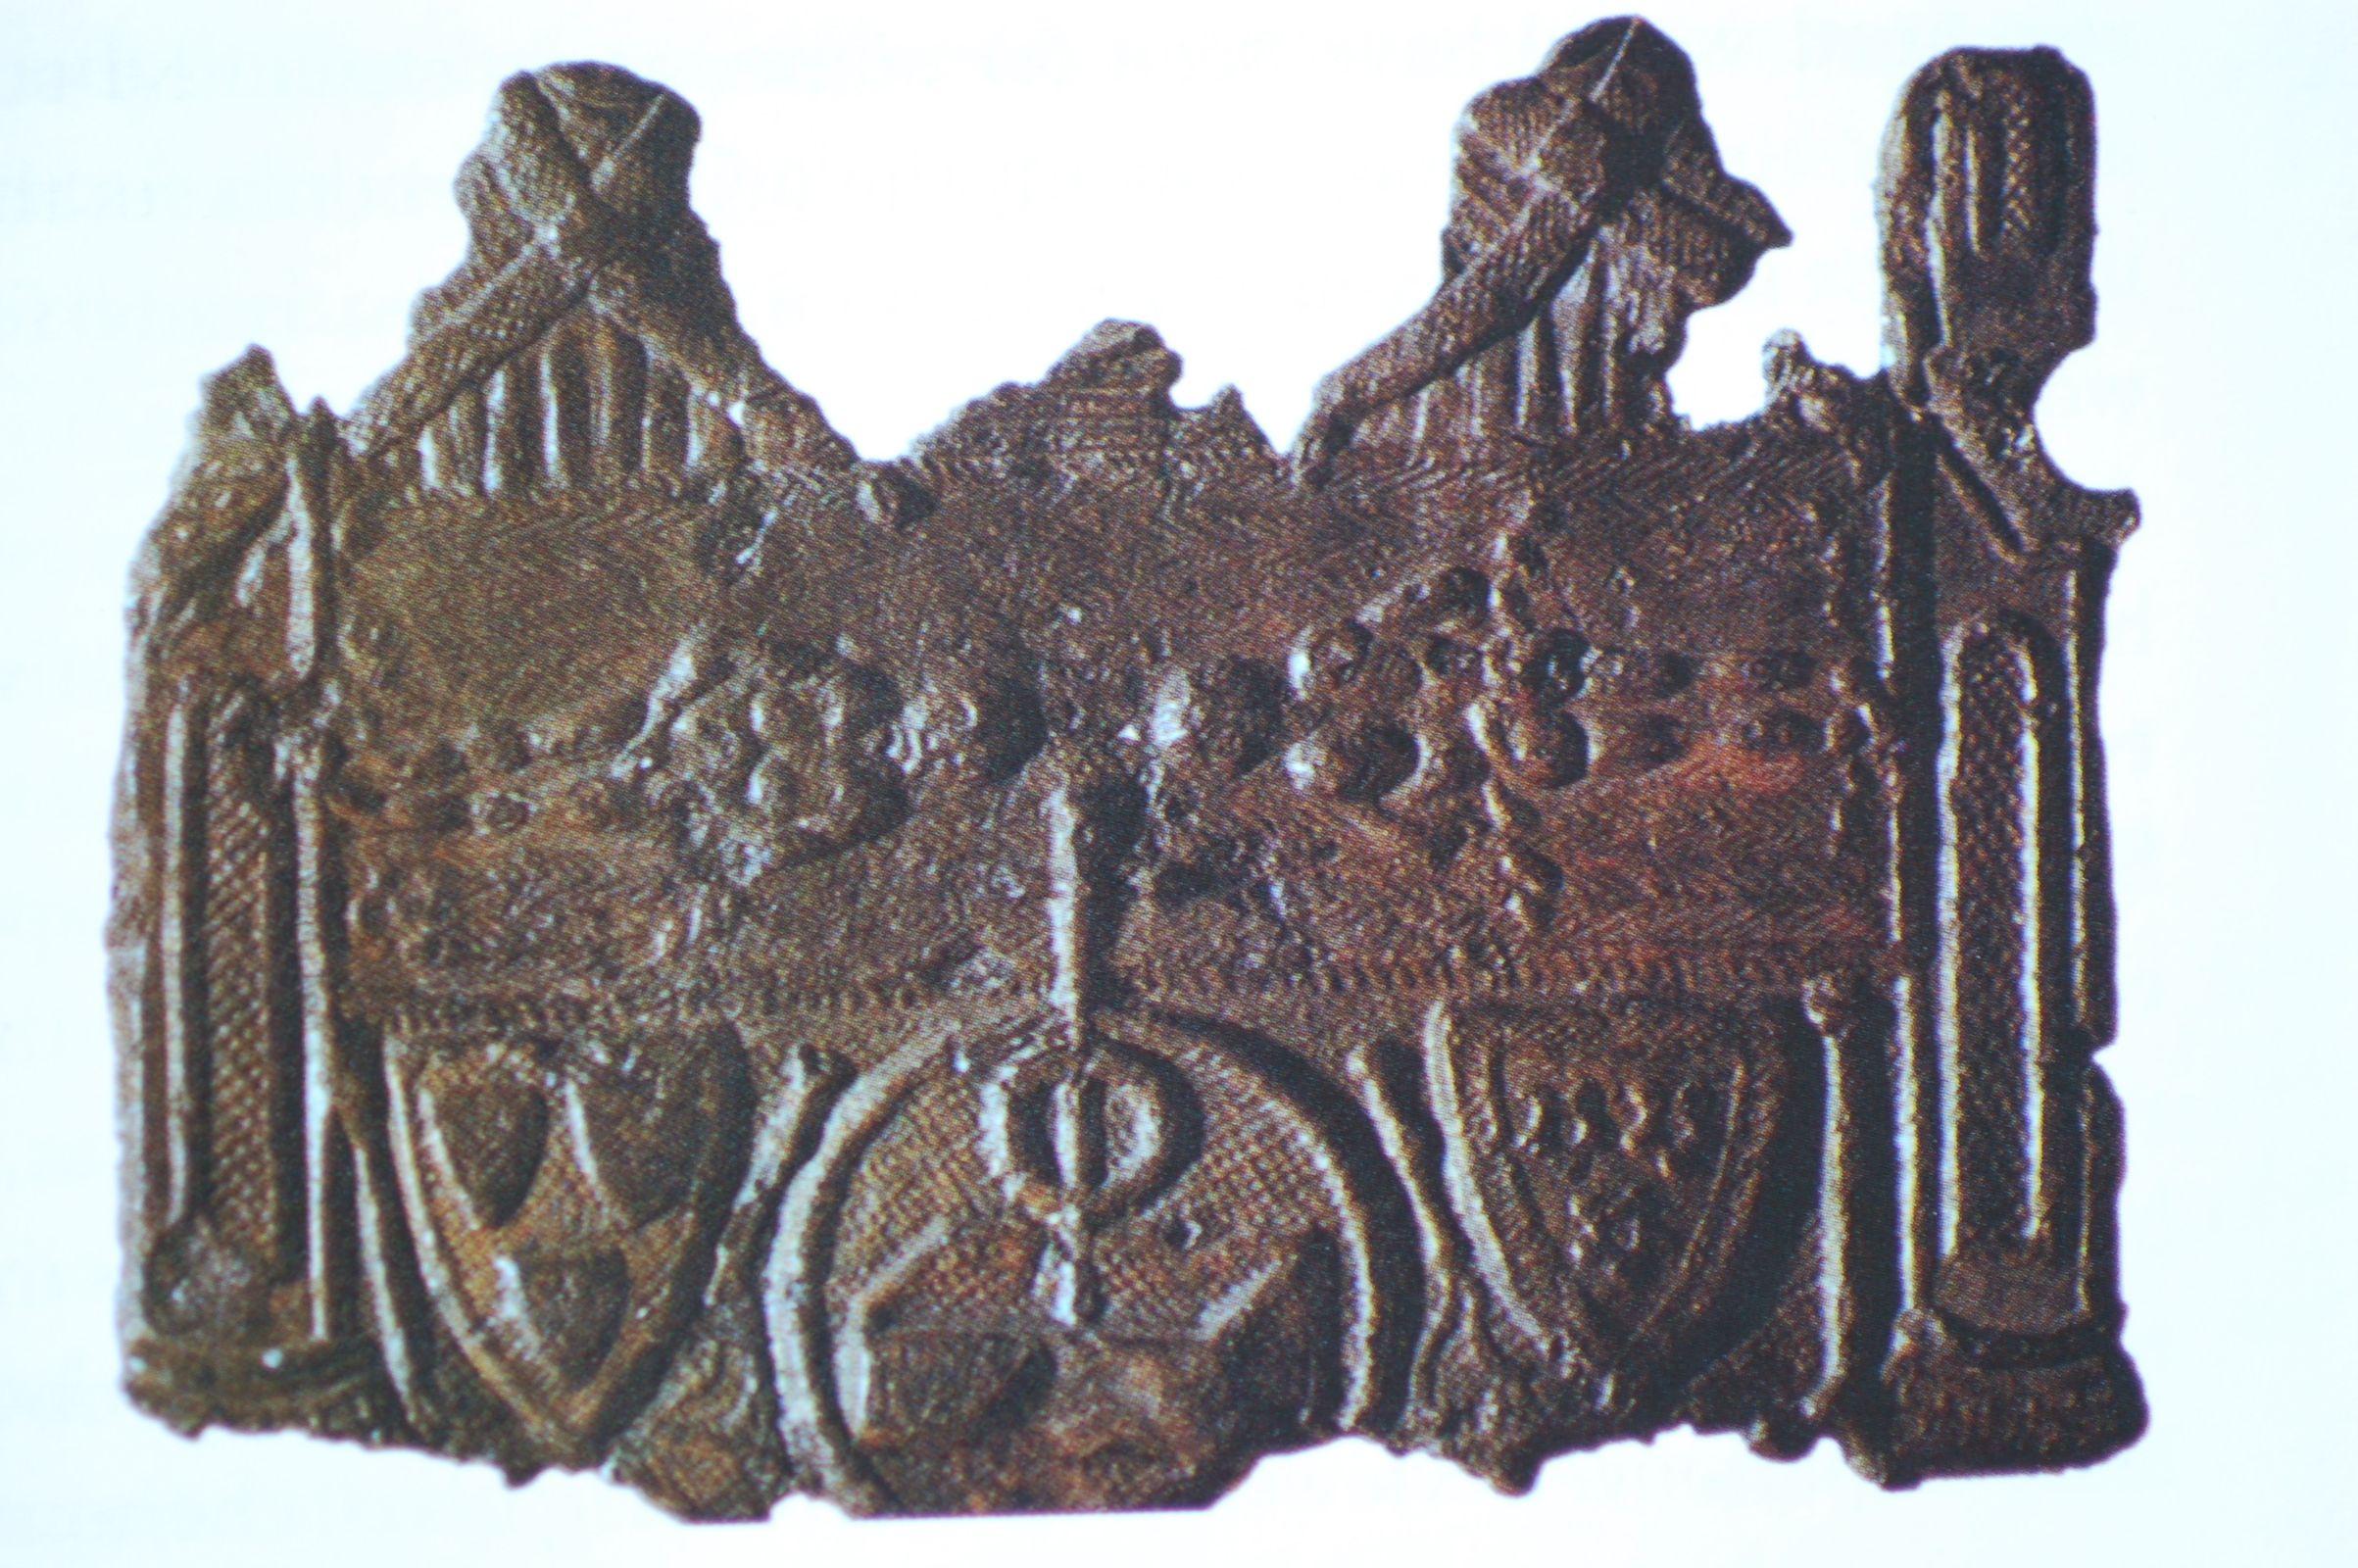 Photo 4. Lirey pilgrims amulet 1354 AD